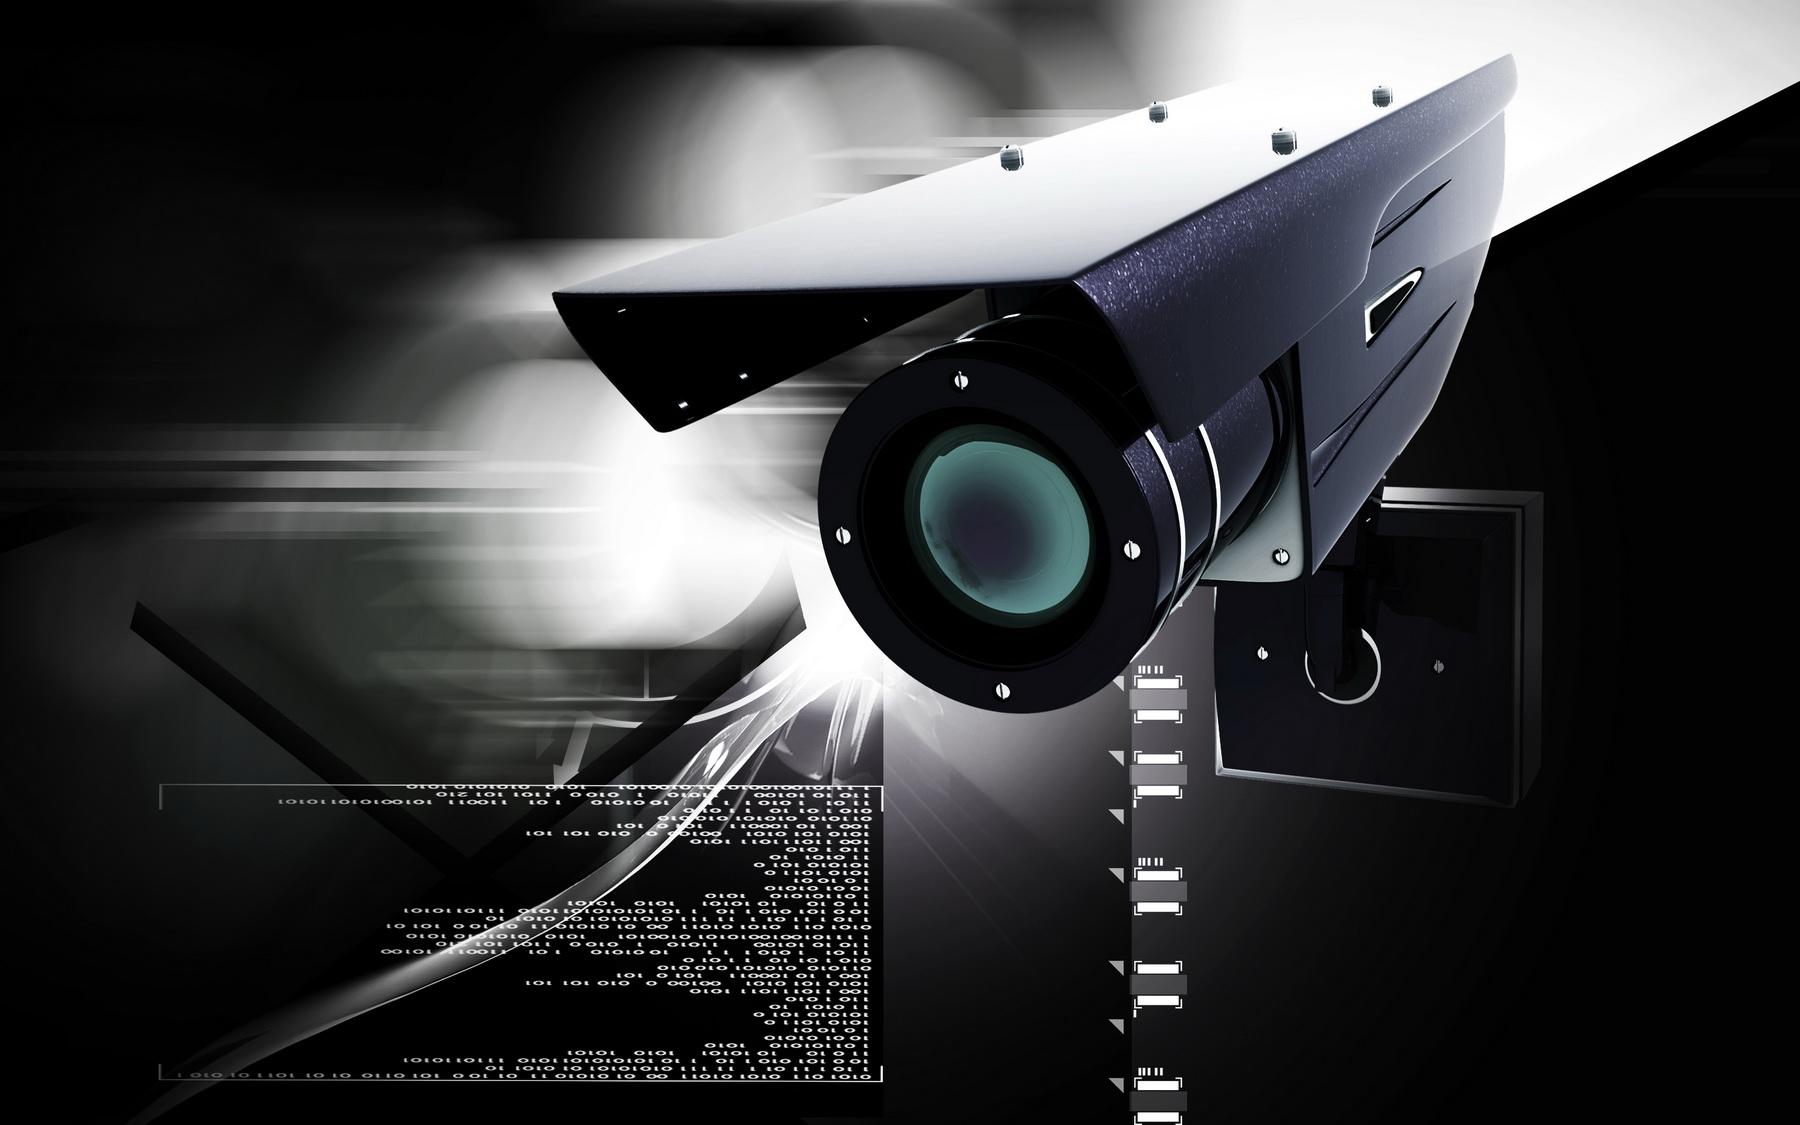 В камерах Hanwha Techwin выявлены множественные уязвимости